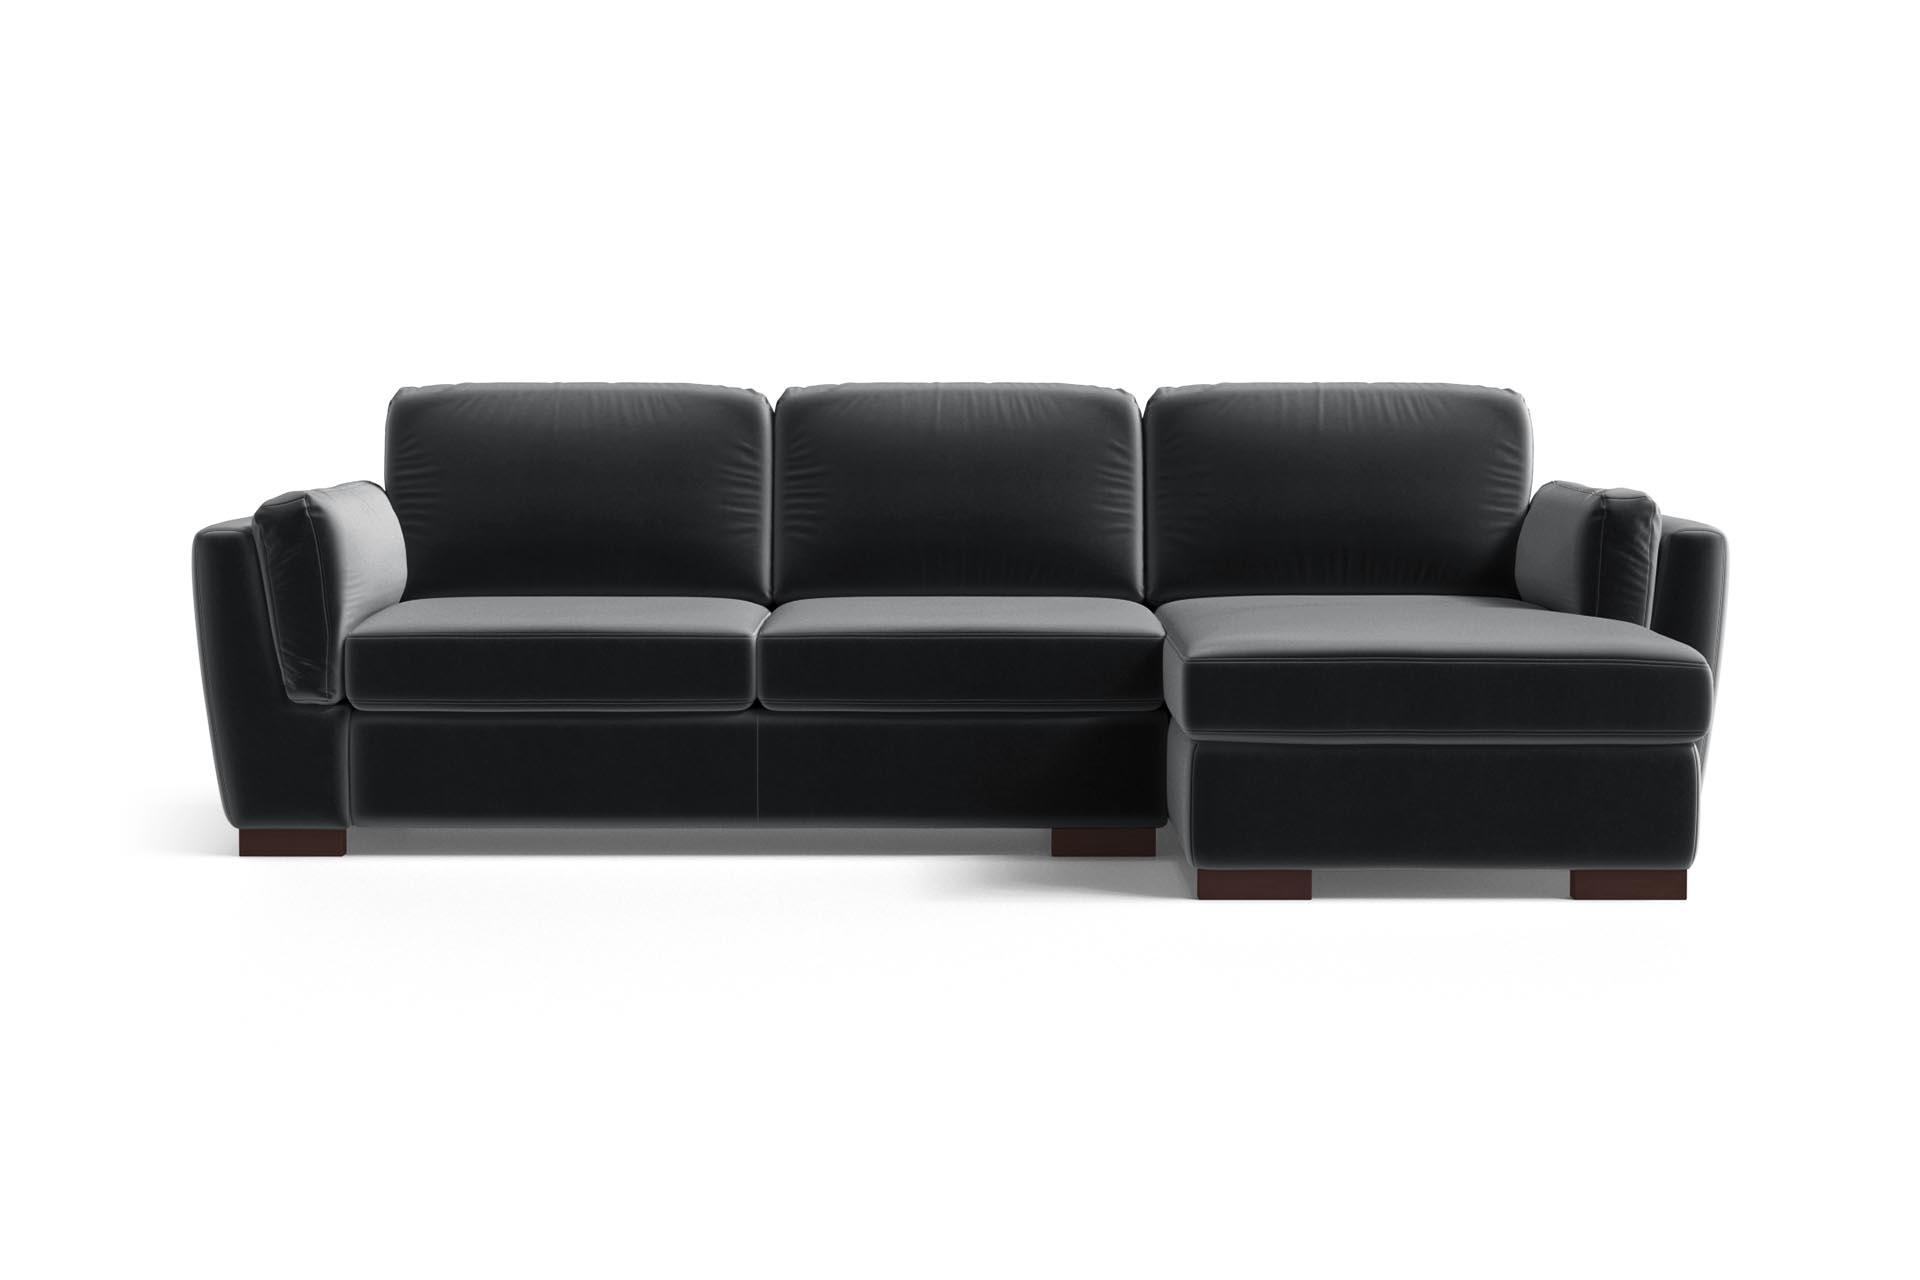 Canapé d'angle droit 4 places en velours anthracite